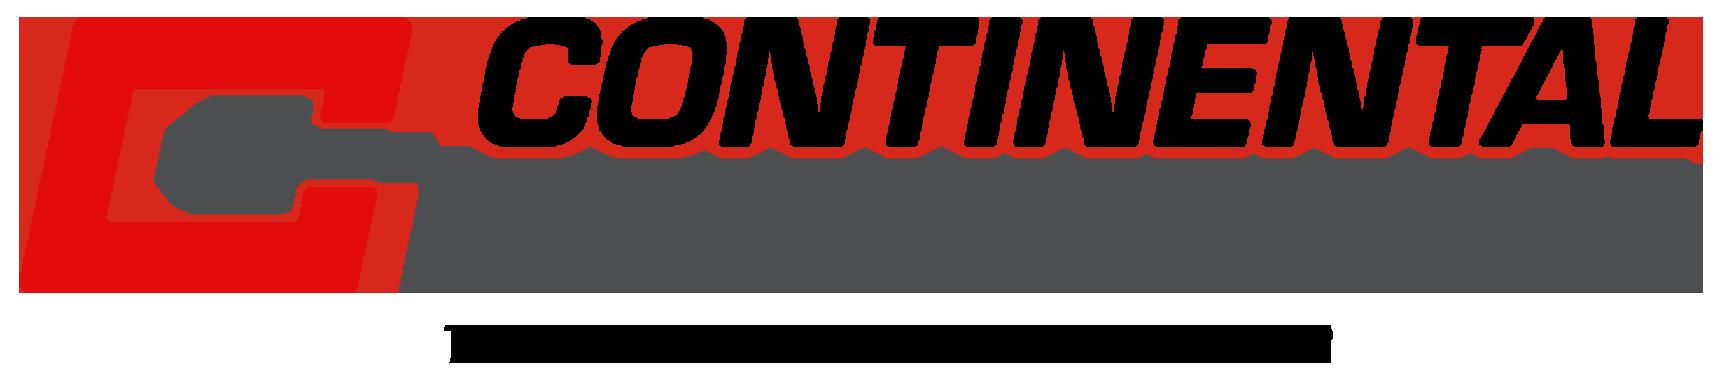 WISRV52